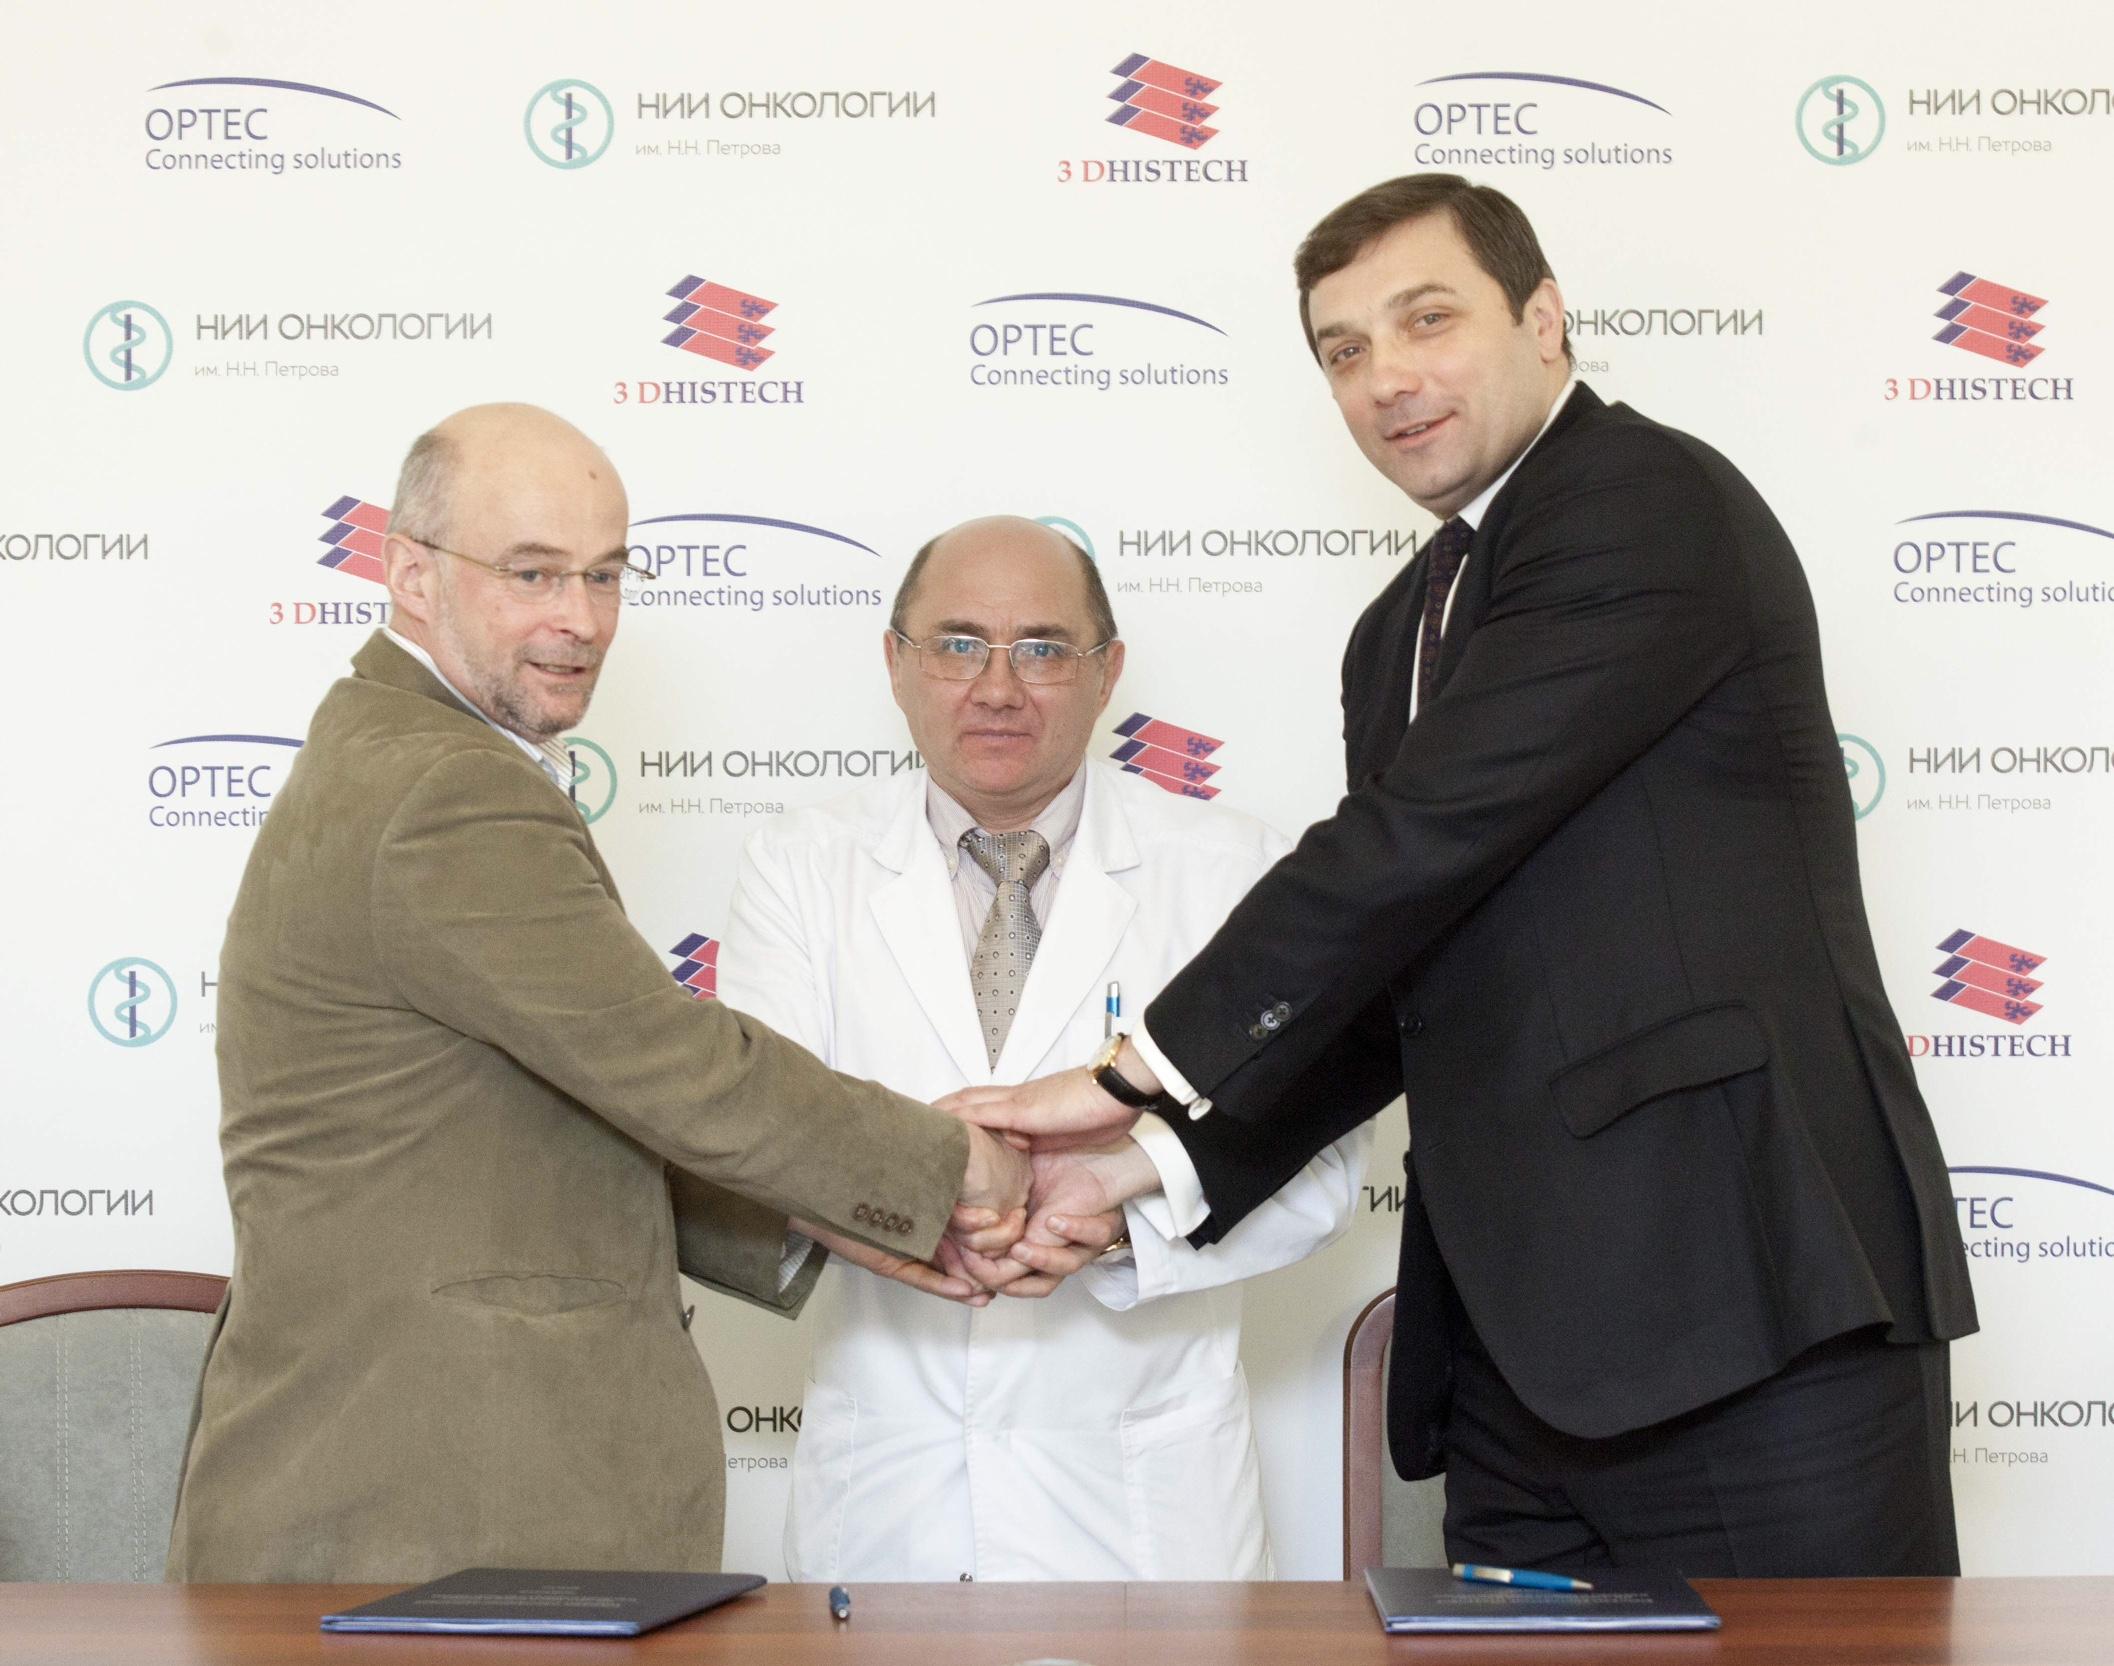 НИИ онкологии им. Н.Н. Петрова подписал соглашение о сотрудничестве